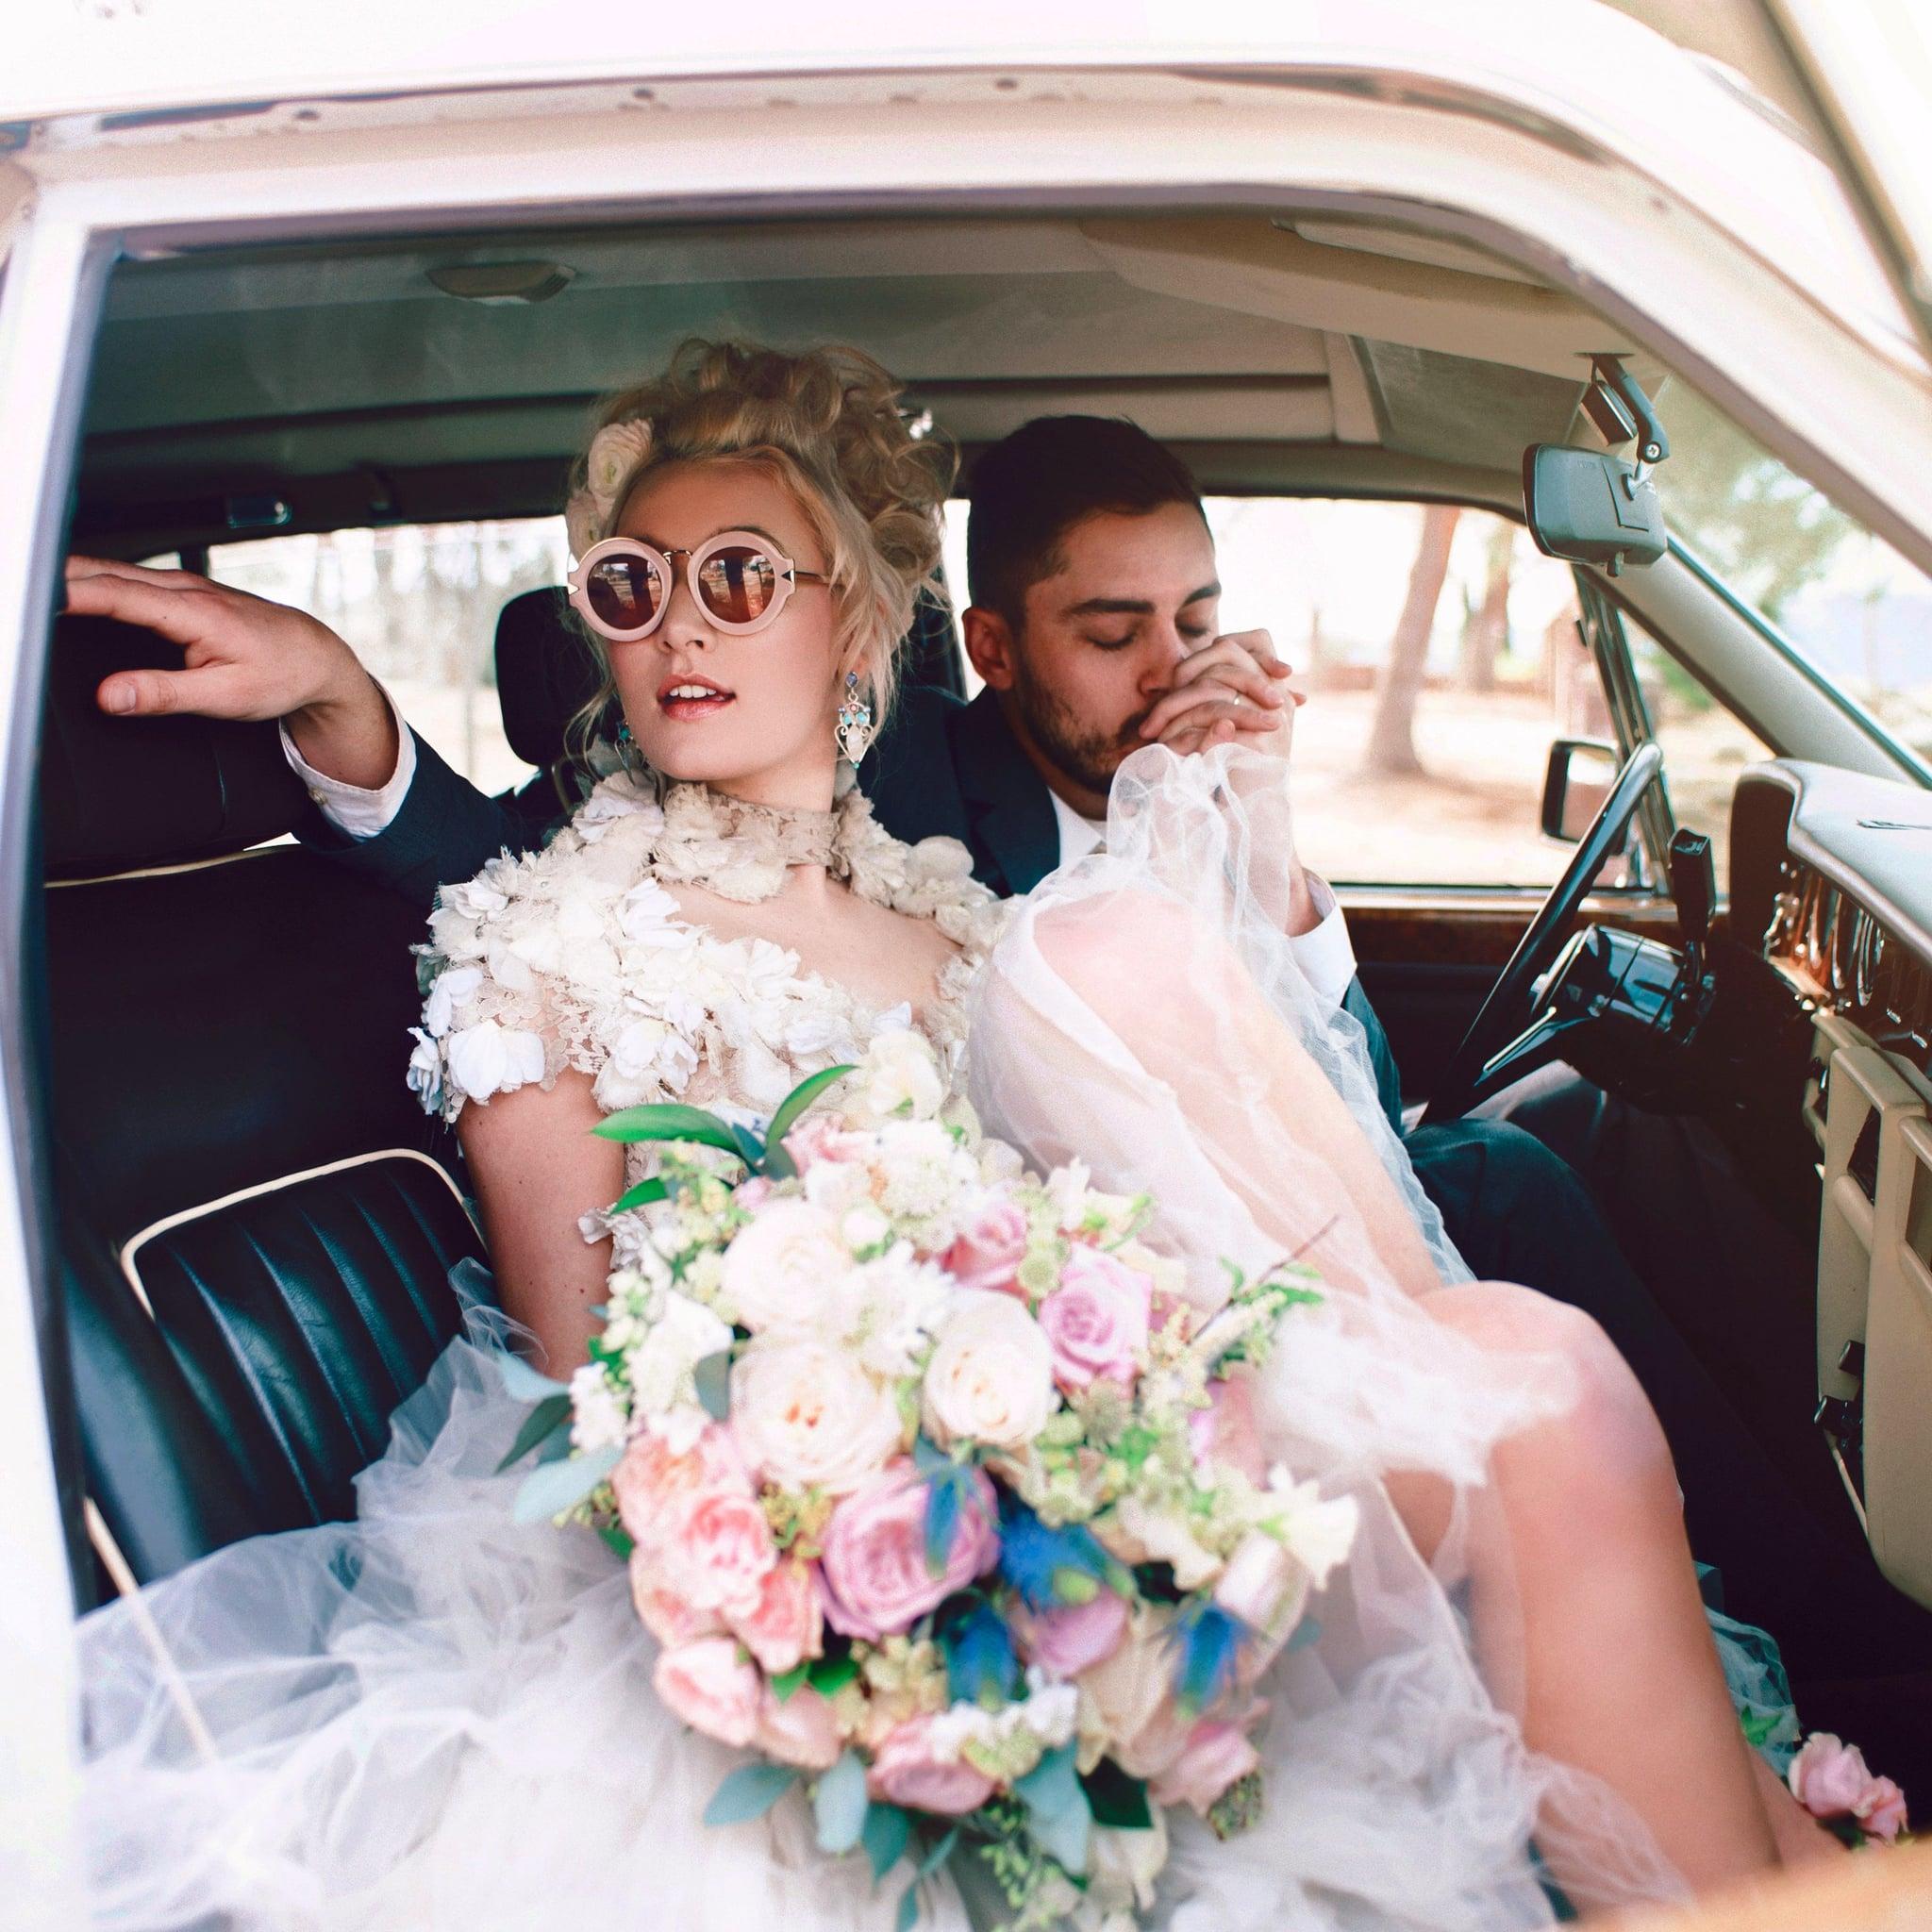 Marie Antoinette Inspired Wedding Dress 6 Lovely